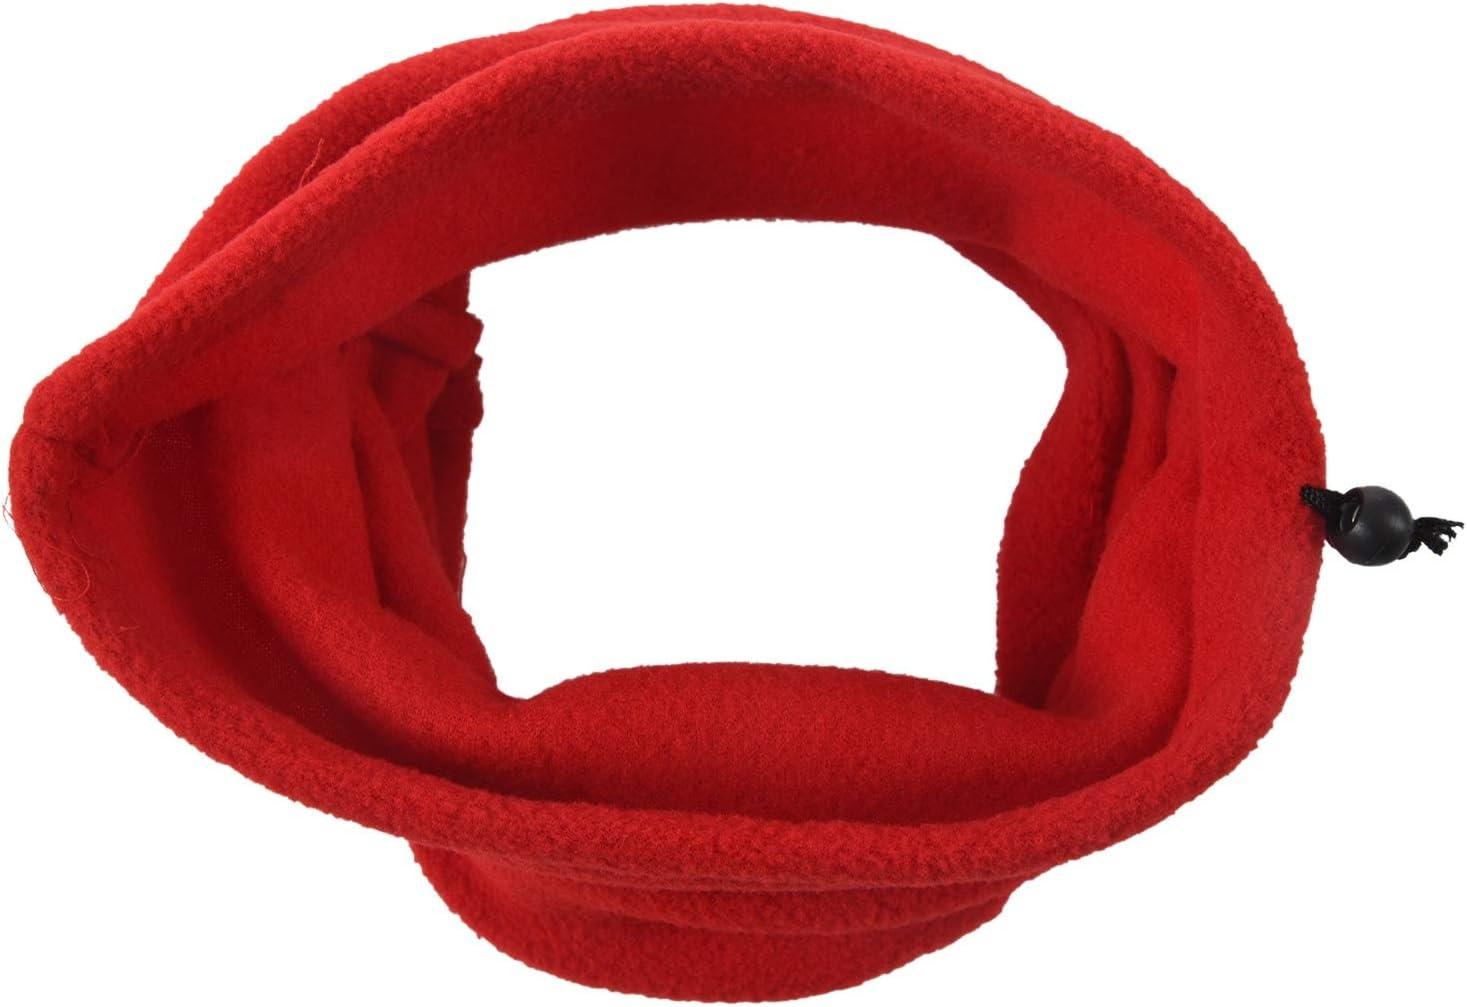 Rossa Bestlymood Sciarpa Termica da Uomo Unisex in Pile con Scaldacollo Sciarpa da Sci